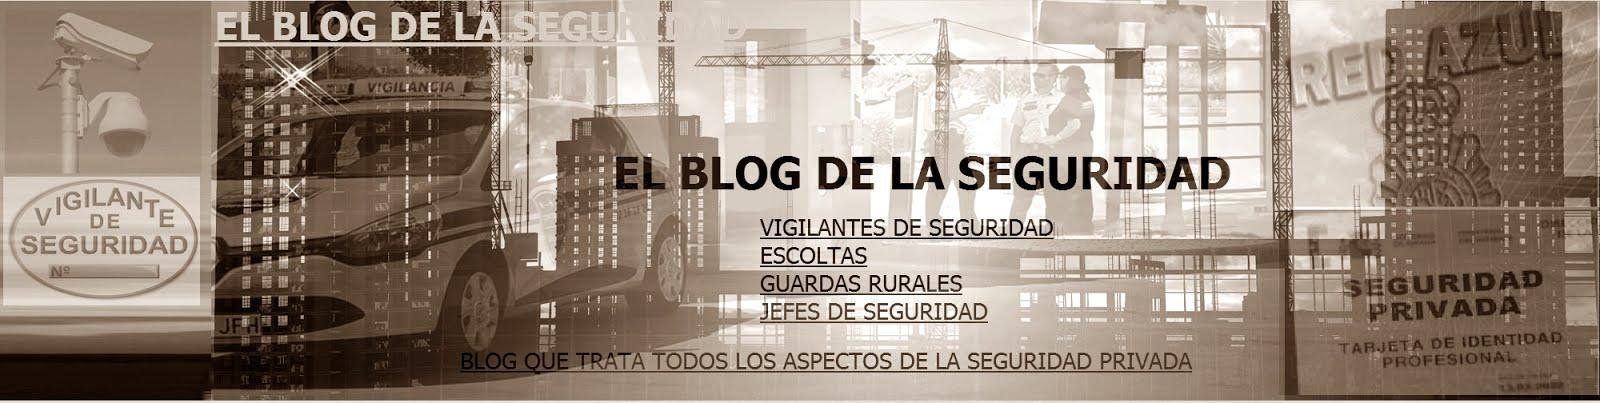 El blog de la seguridad